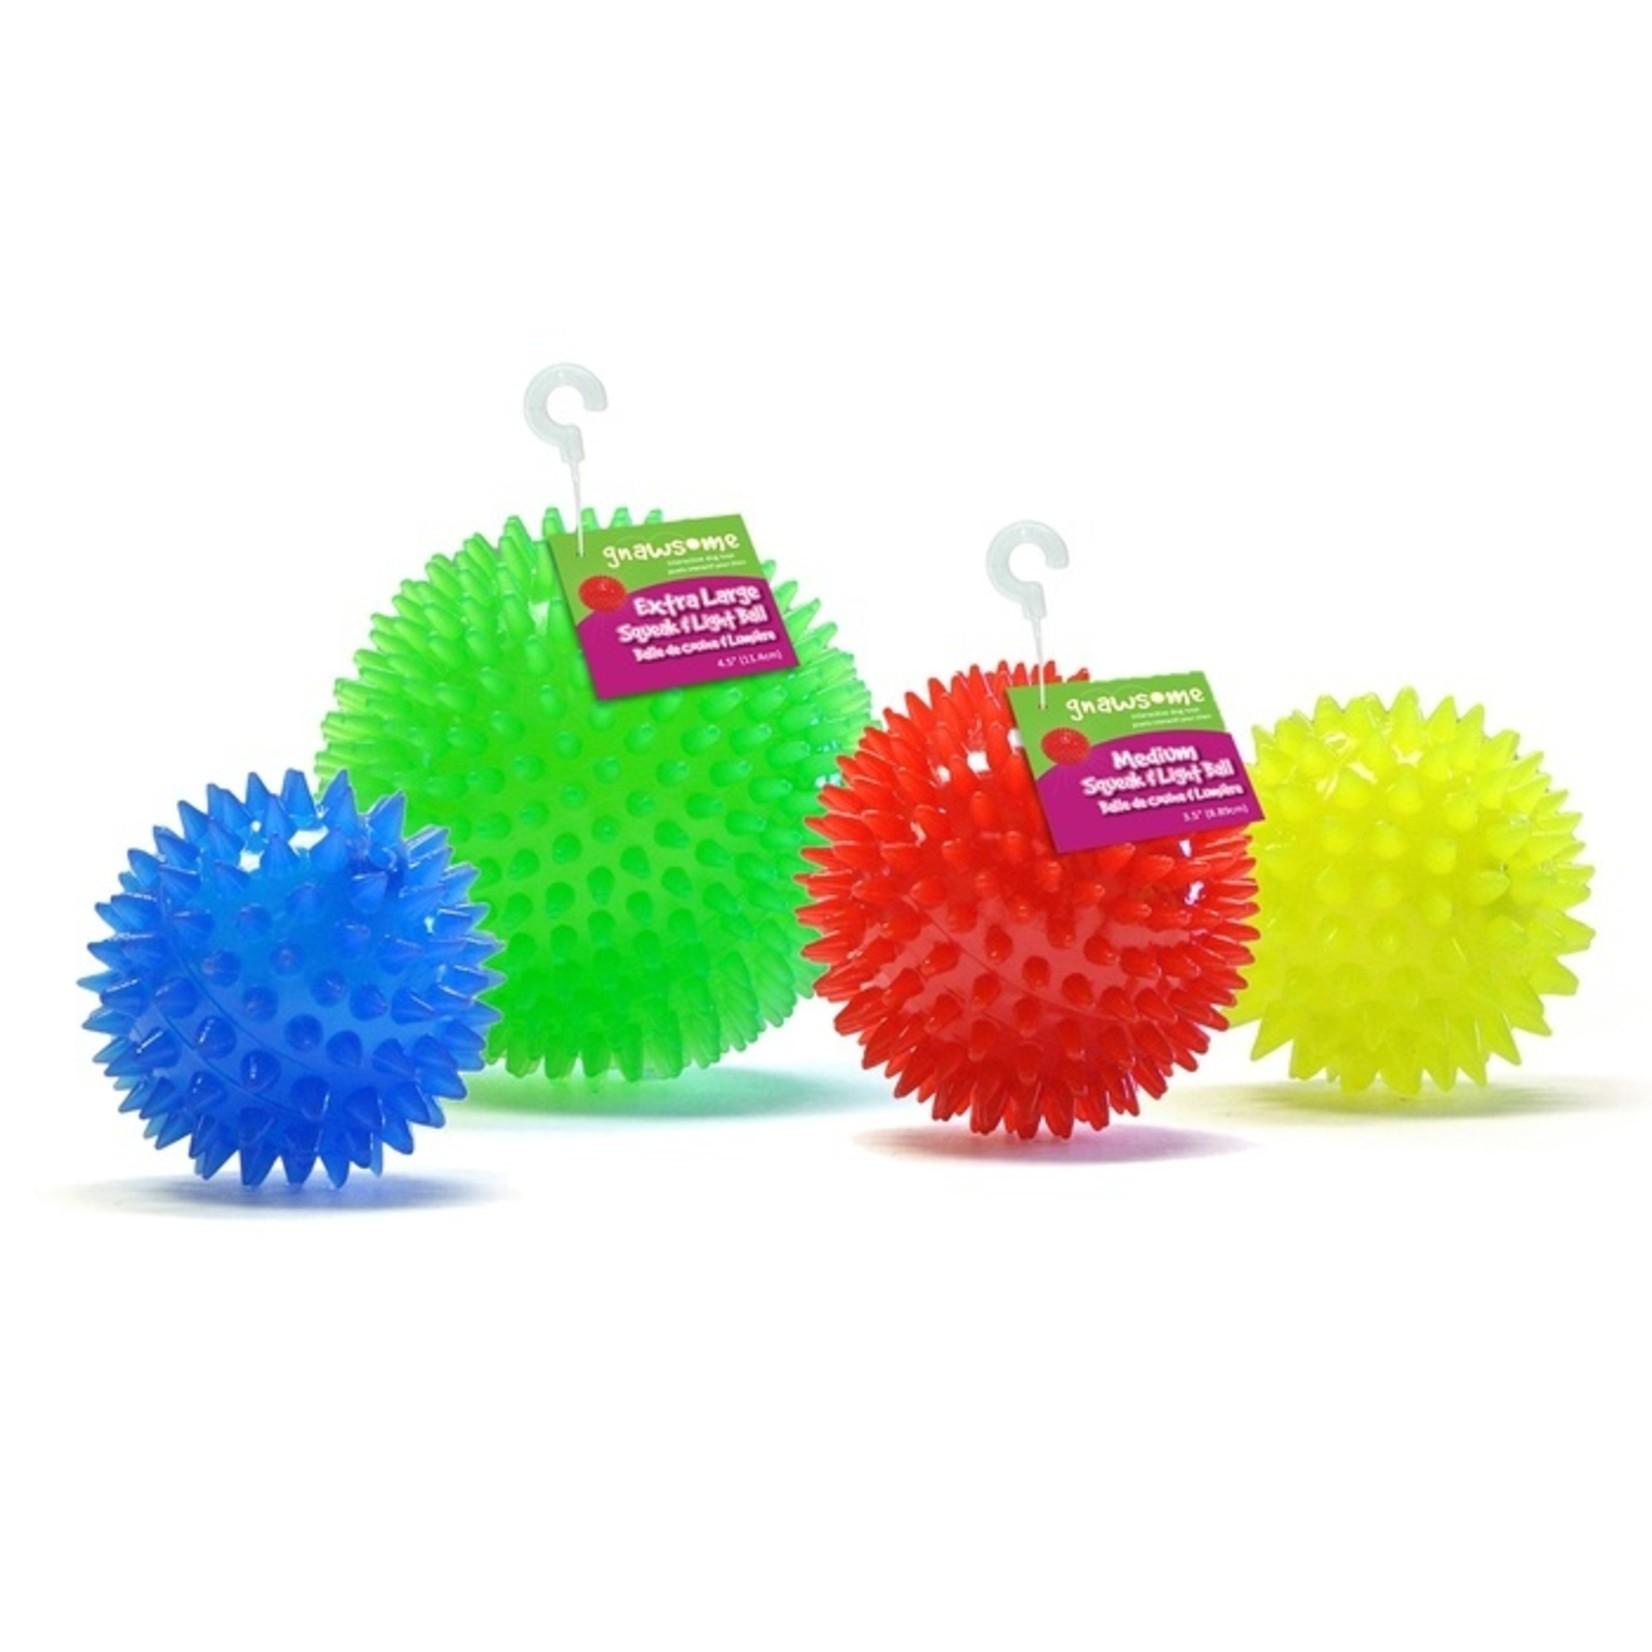 gnawsome Gnawsome Squeaker & Light Ball